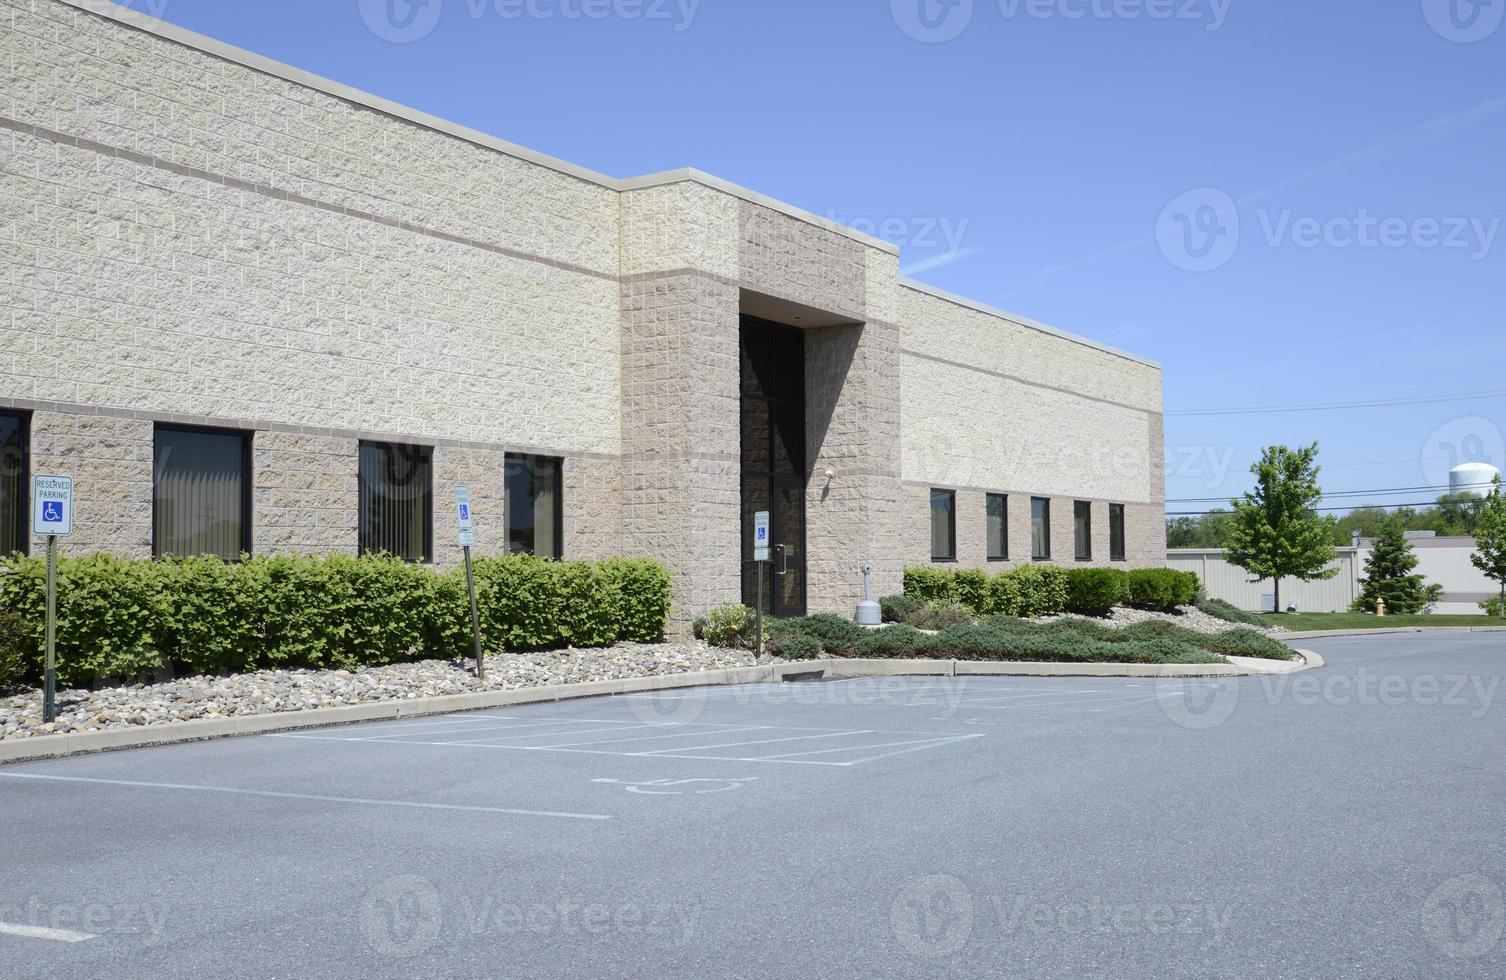 grand bâtiment de corporation photo